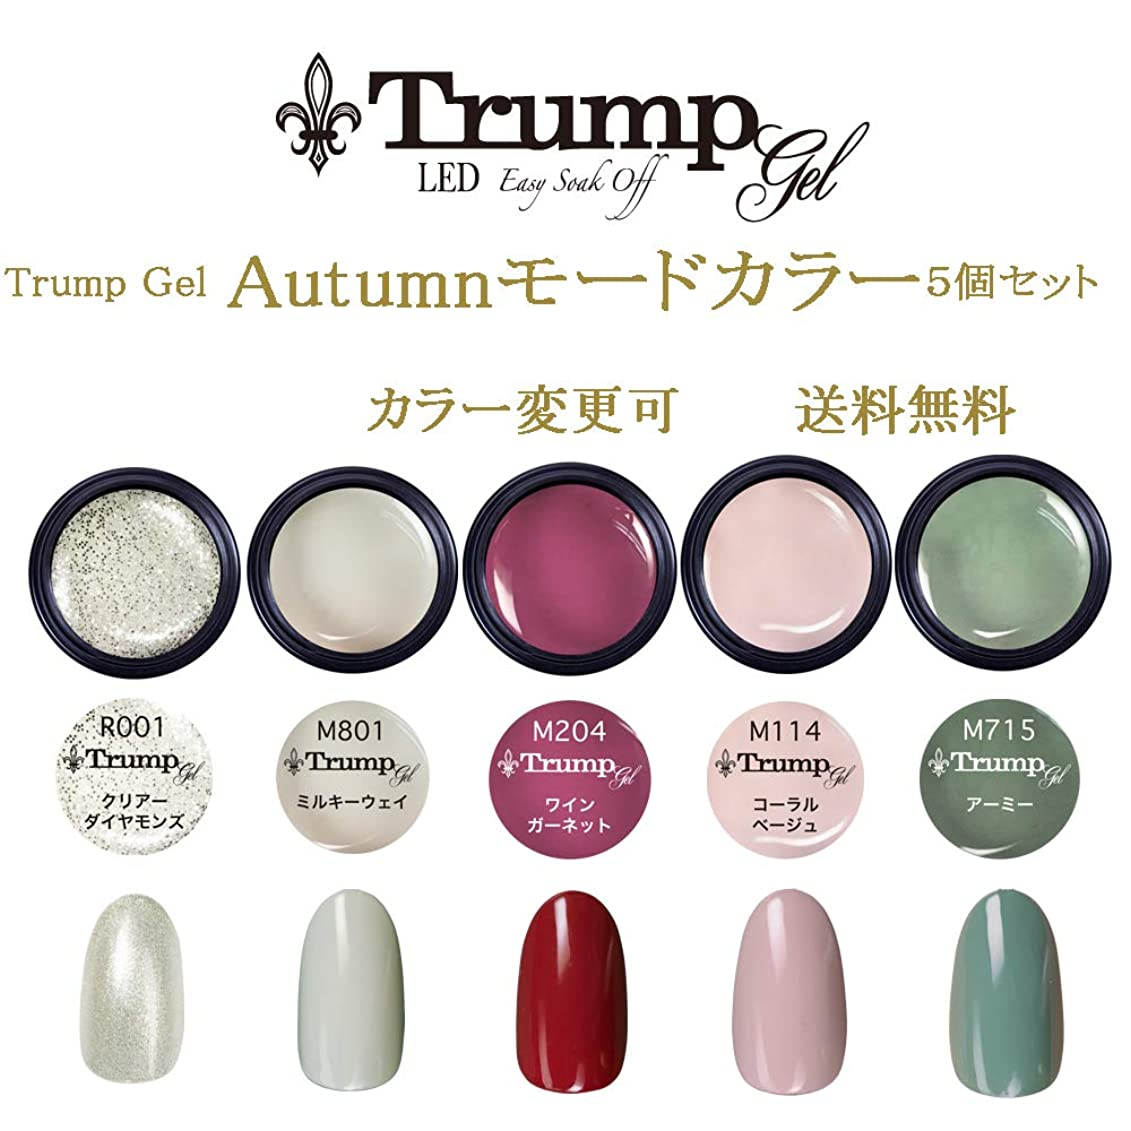 傘生産的調停者【送料無料】日本製 Trump gel トランプジェル オータムモード カラー 選べる カラージェル 5個セット 秋ネイル ベージュ ボルドー カーキ ラメ カラー